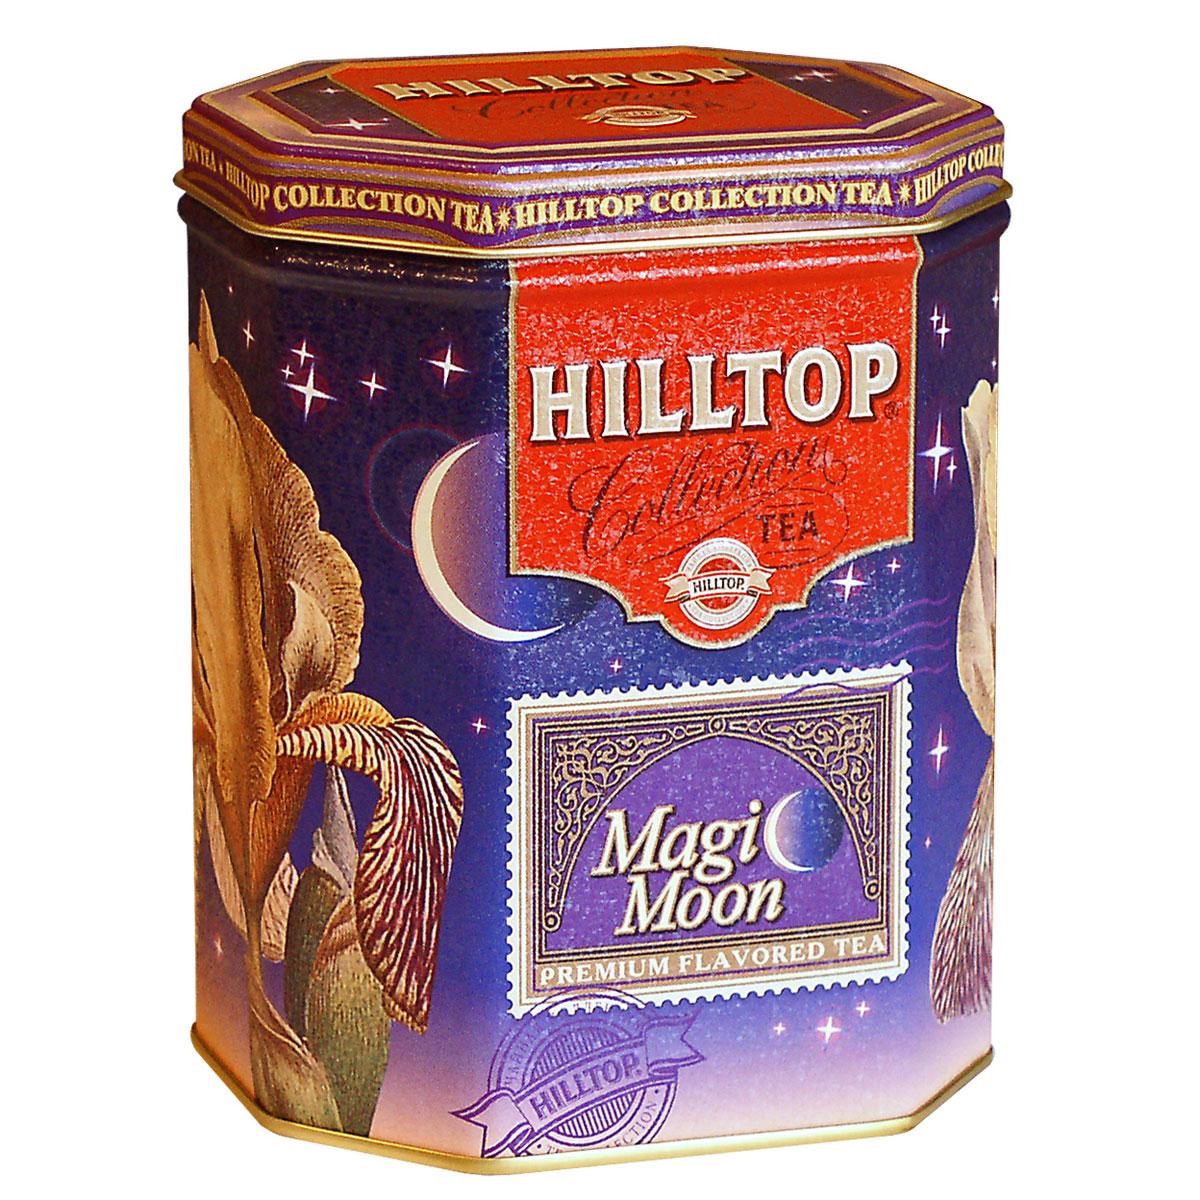 Hilltop Волшебная луна черный листовой чай, 100 г0120710Hilltop Волшебная луна - смесь черного и зеленого чая с лепестками календулы, розы, плодами шиповника, цукатами из папайи, дыни и абрикоса.